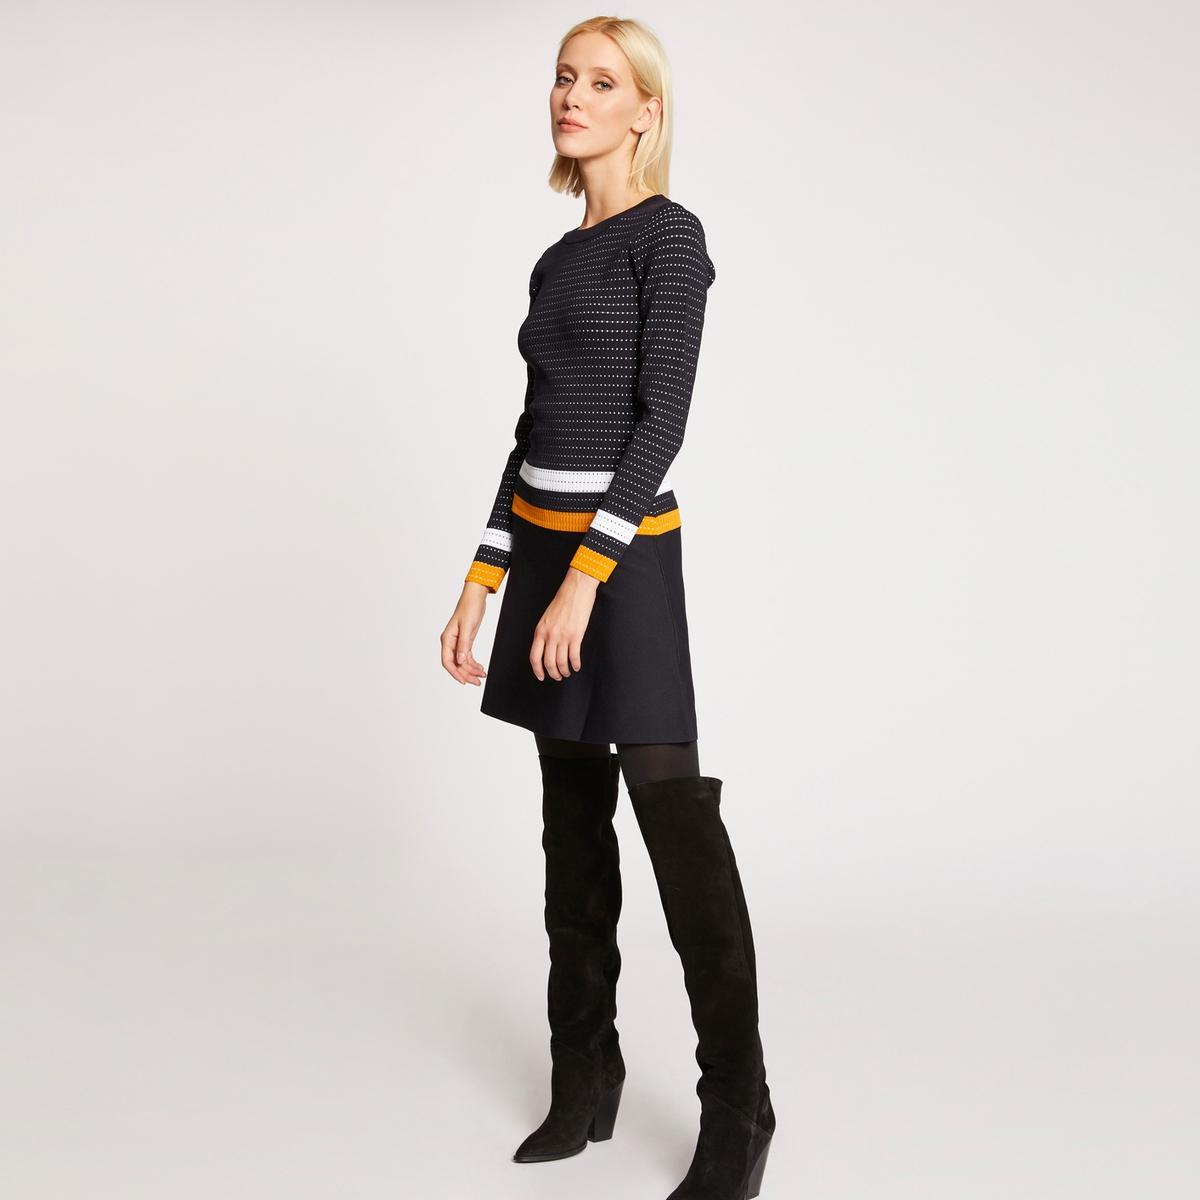 цена Платье La Redoute Короткое расклешенное с длинными рукавами M синий онлайн в 2017 году